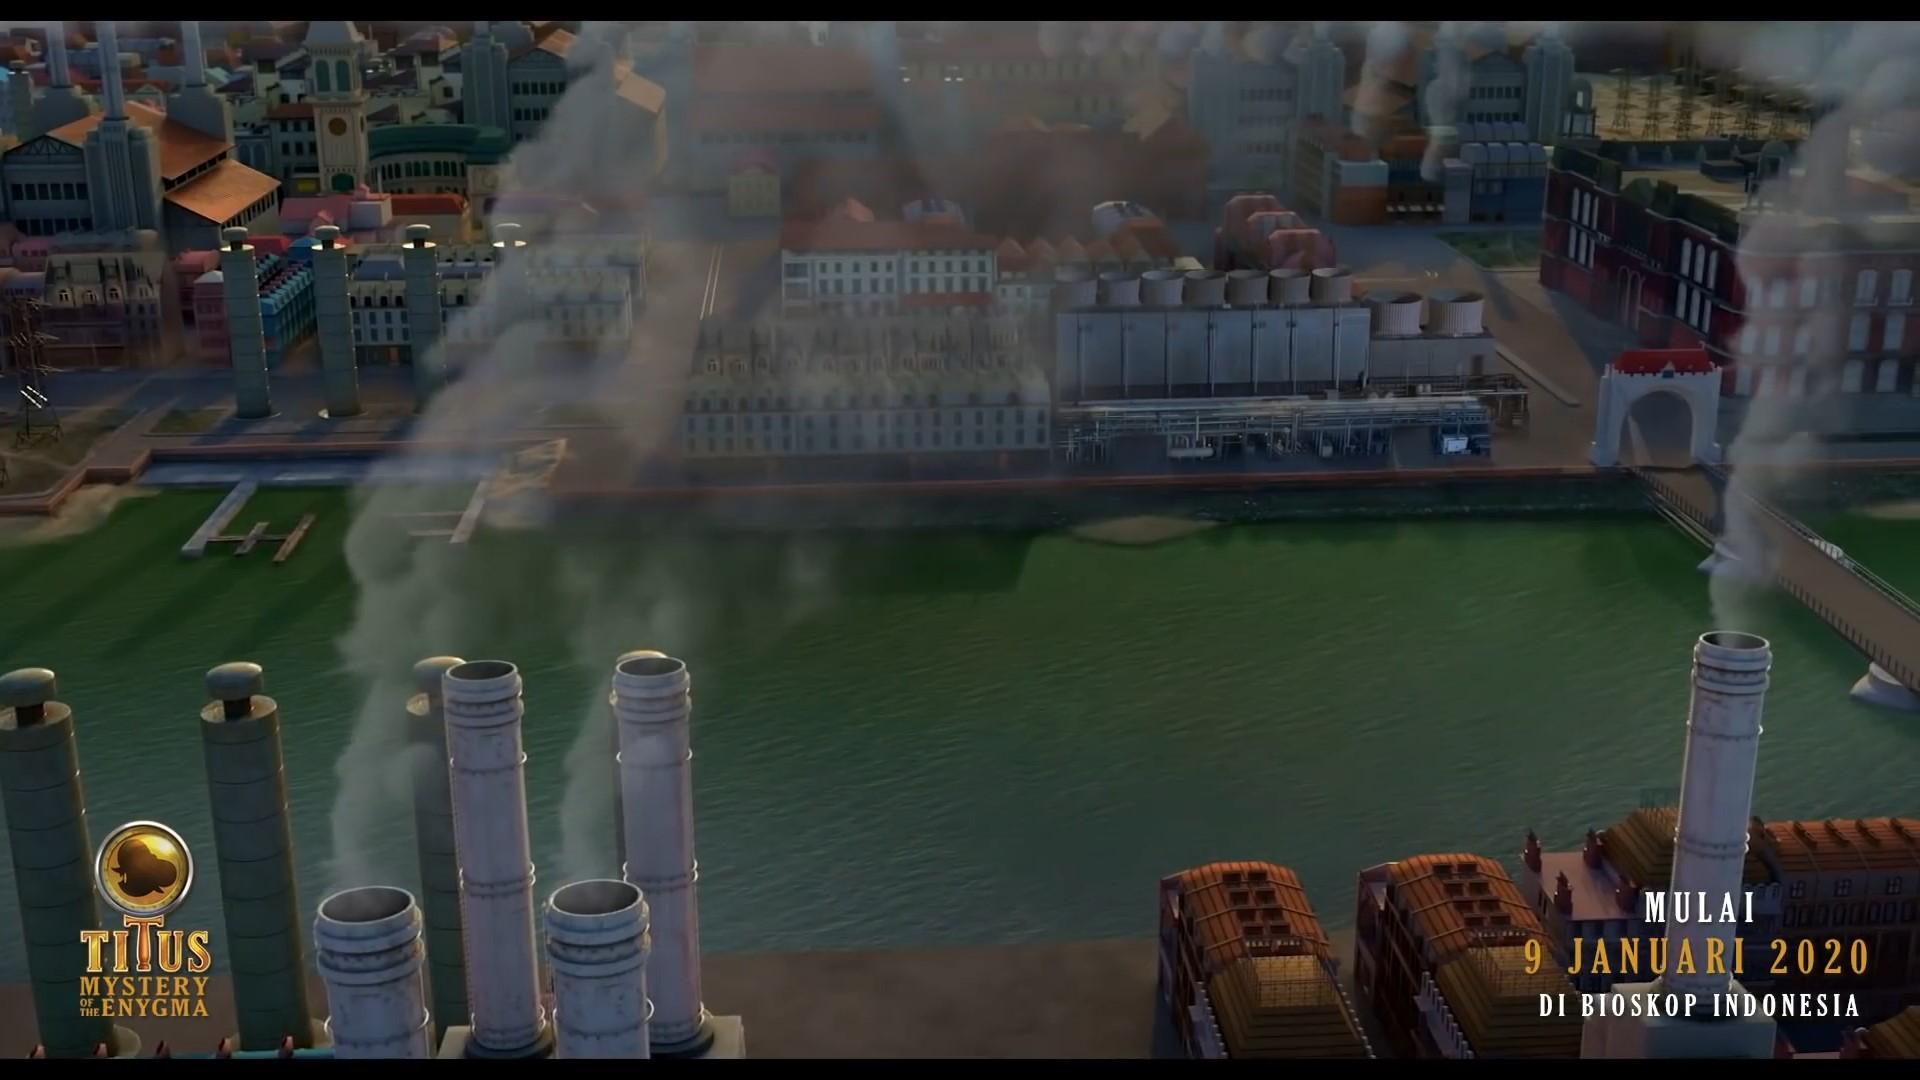 Gambar Kota Steamburg dalam video trailer berbahasa Indonesia